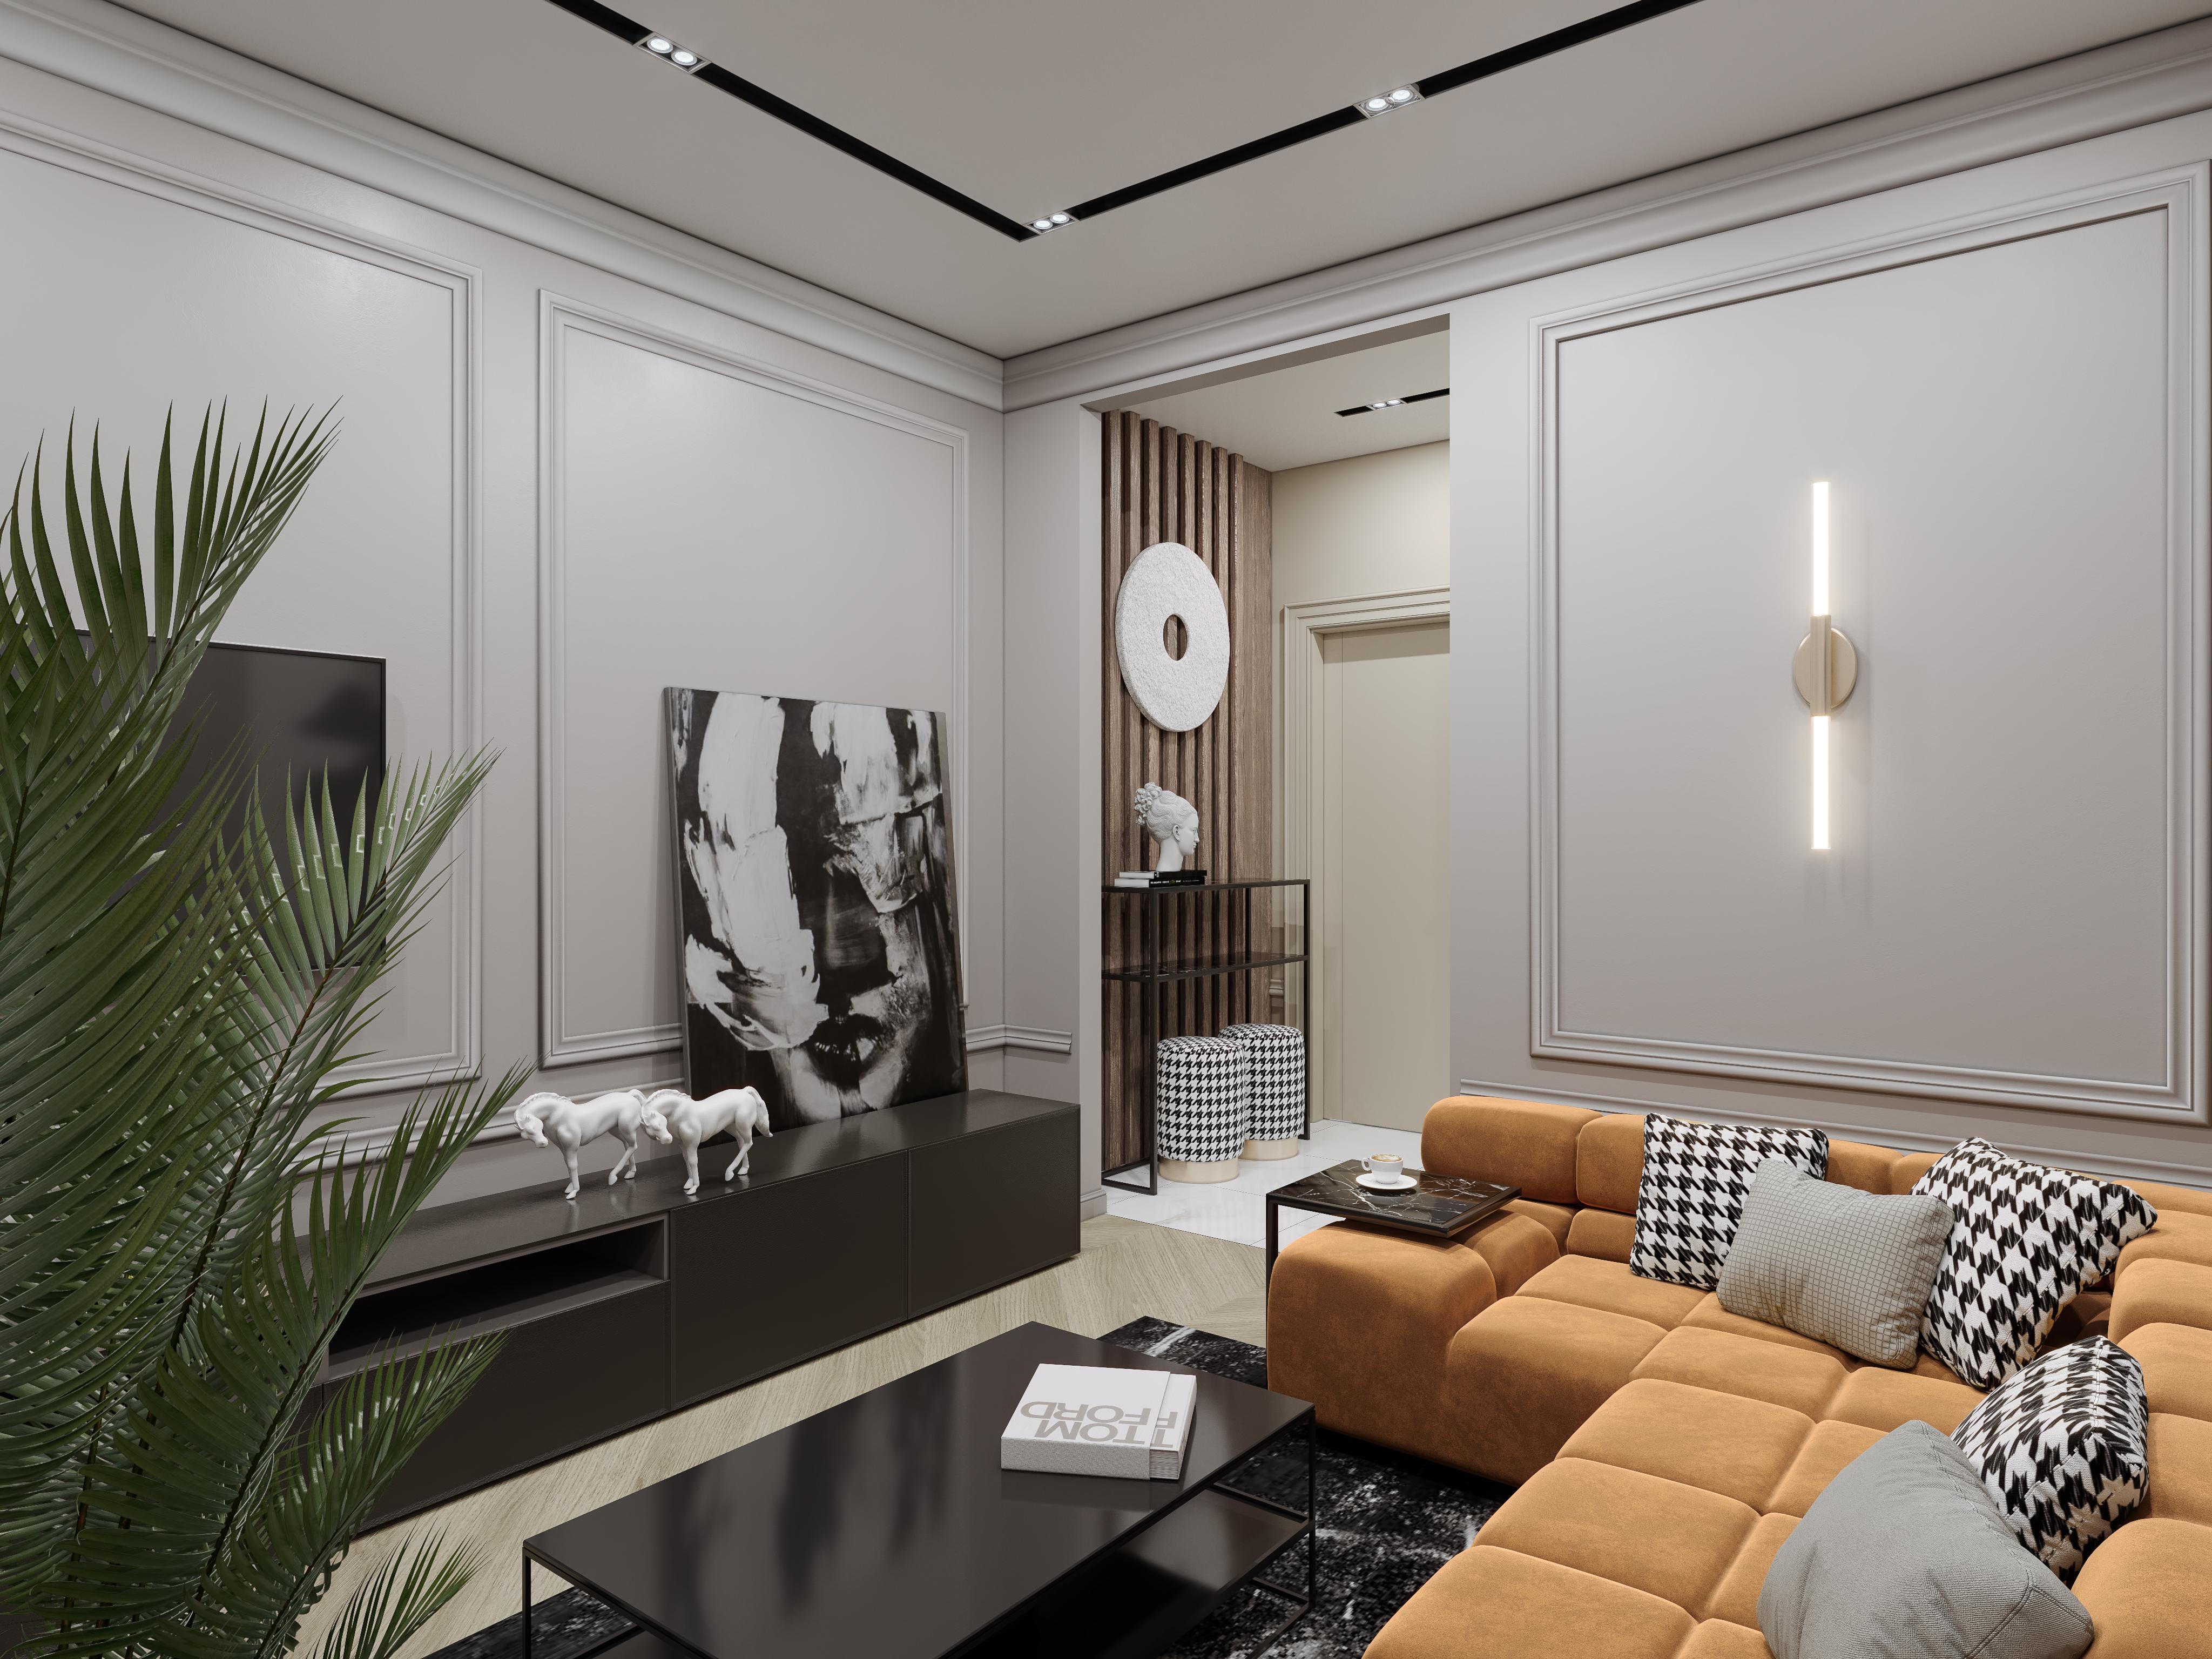 Квартира в Москве проект 2019 г.